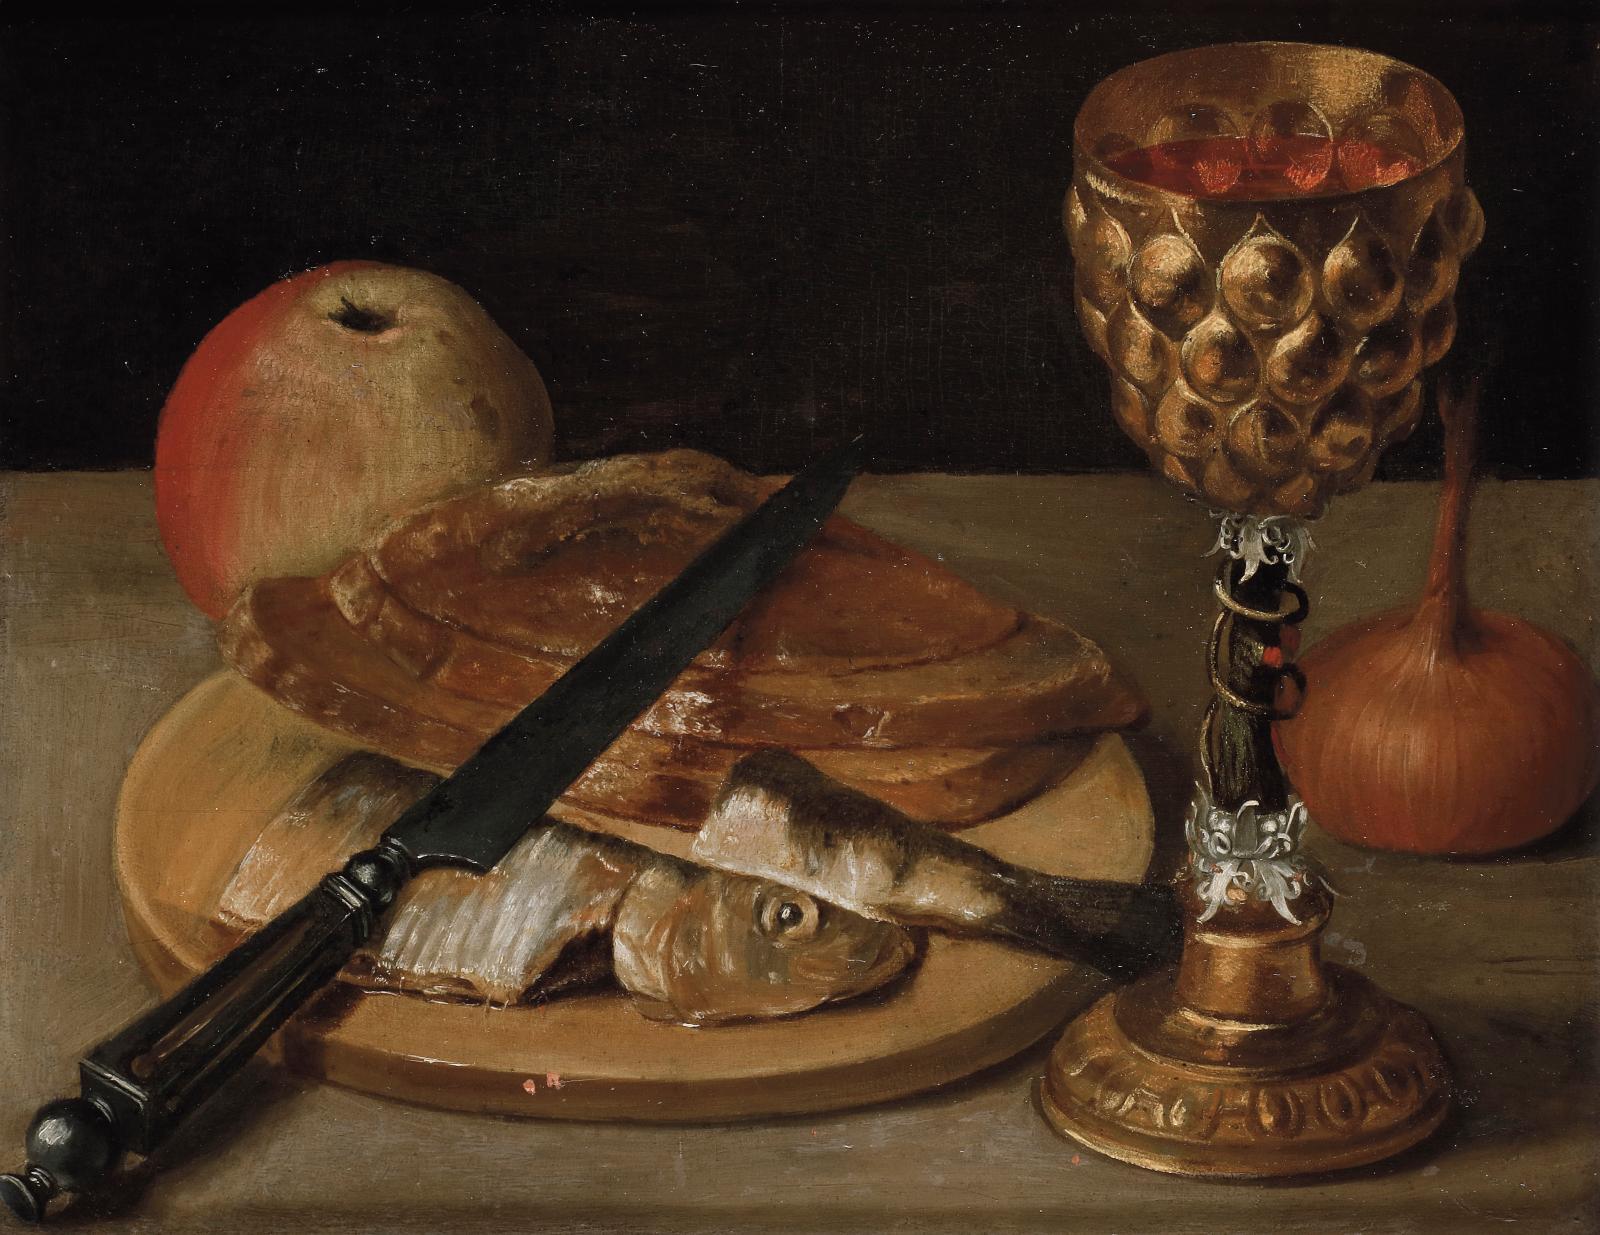 Georg Flegel (1566-1638), Nature morte au hareng et pokal, huile sur panneau, 21,6x27,5cm. Estimation: 30000/40000€